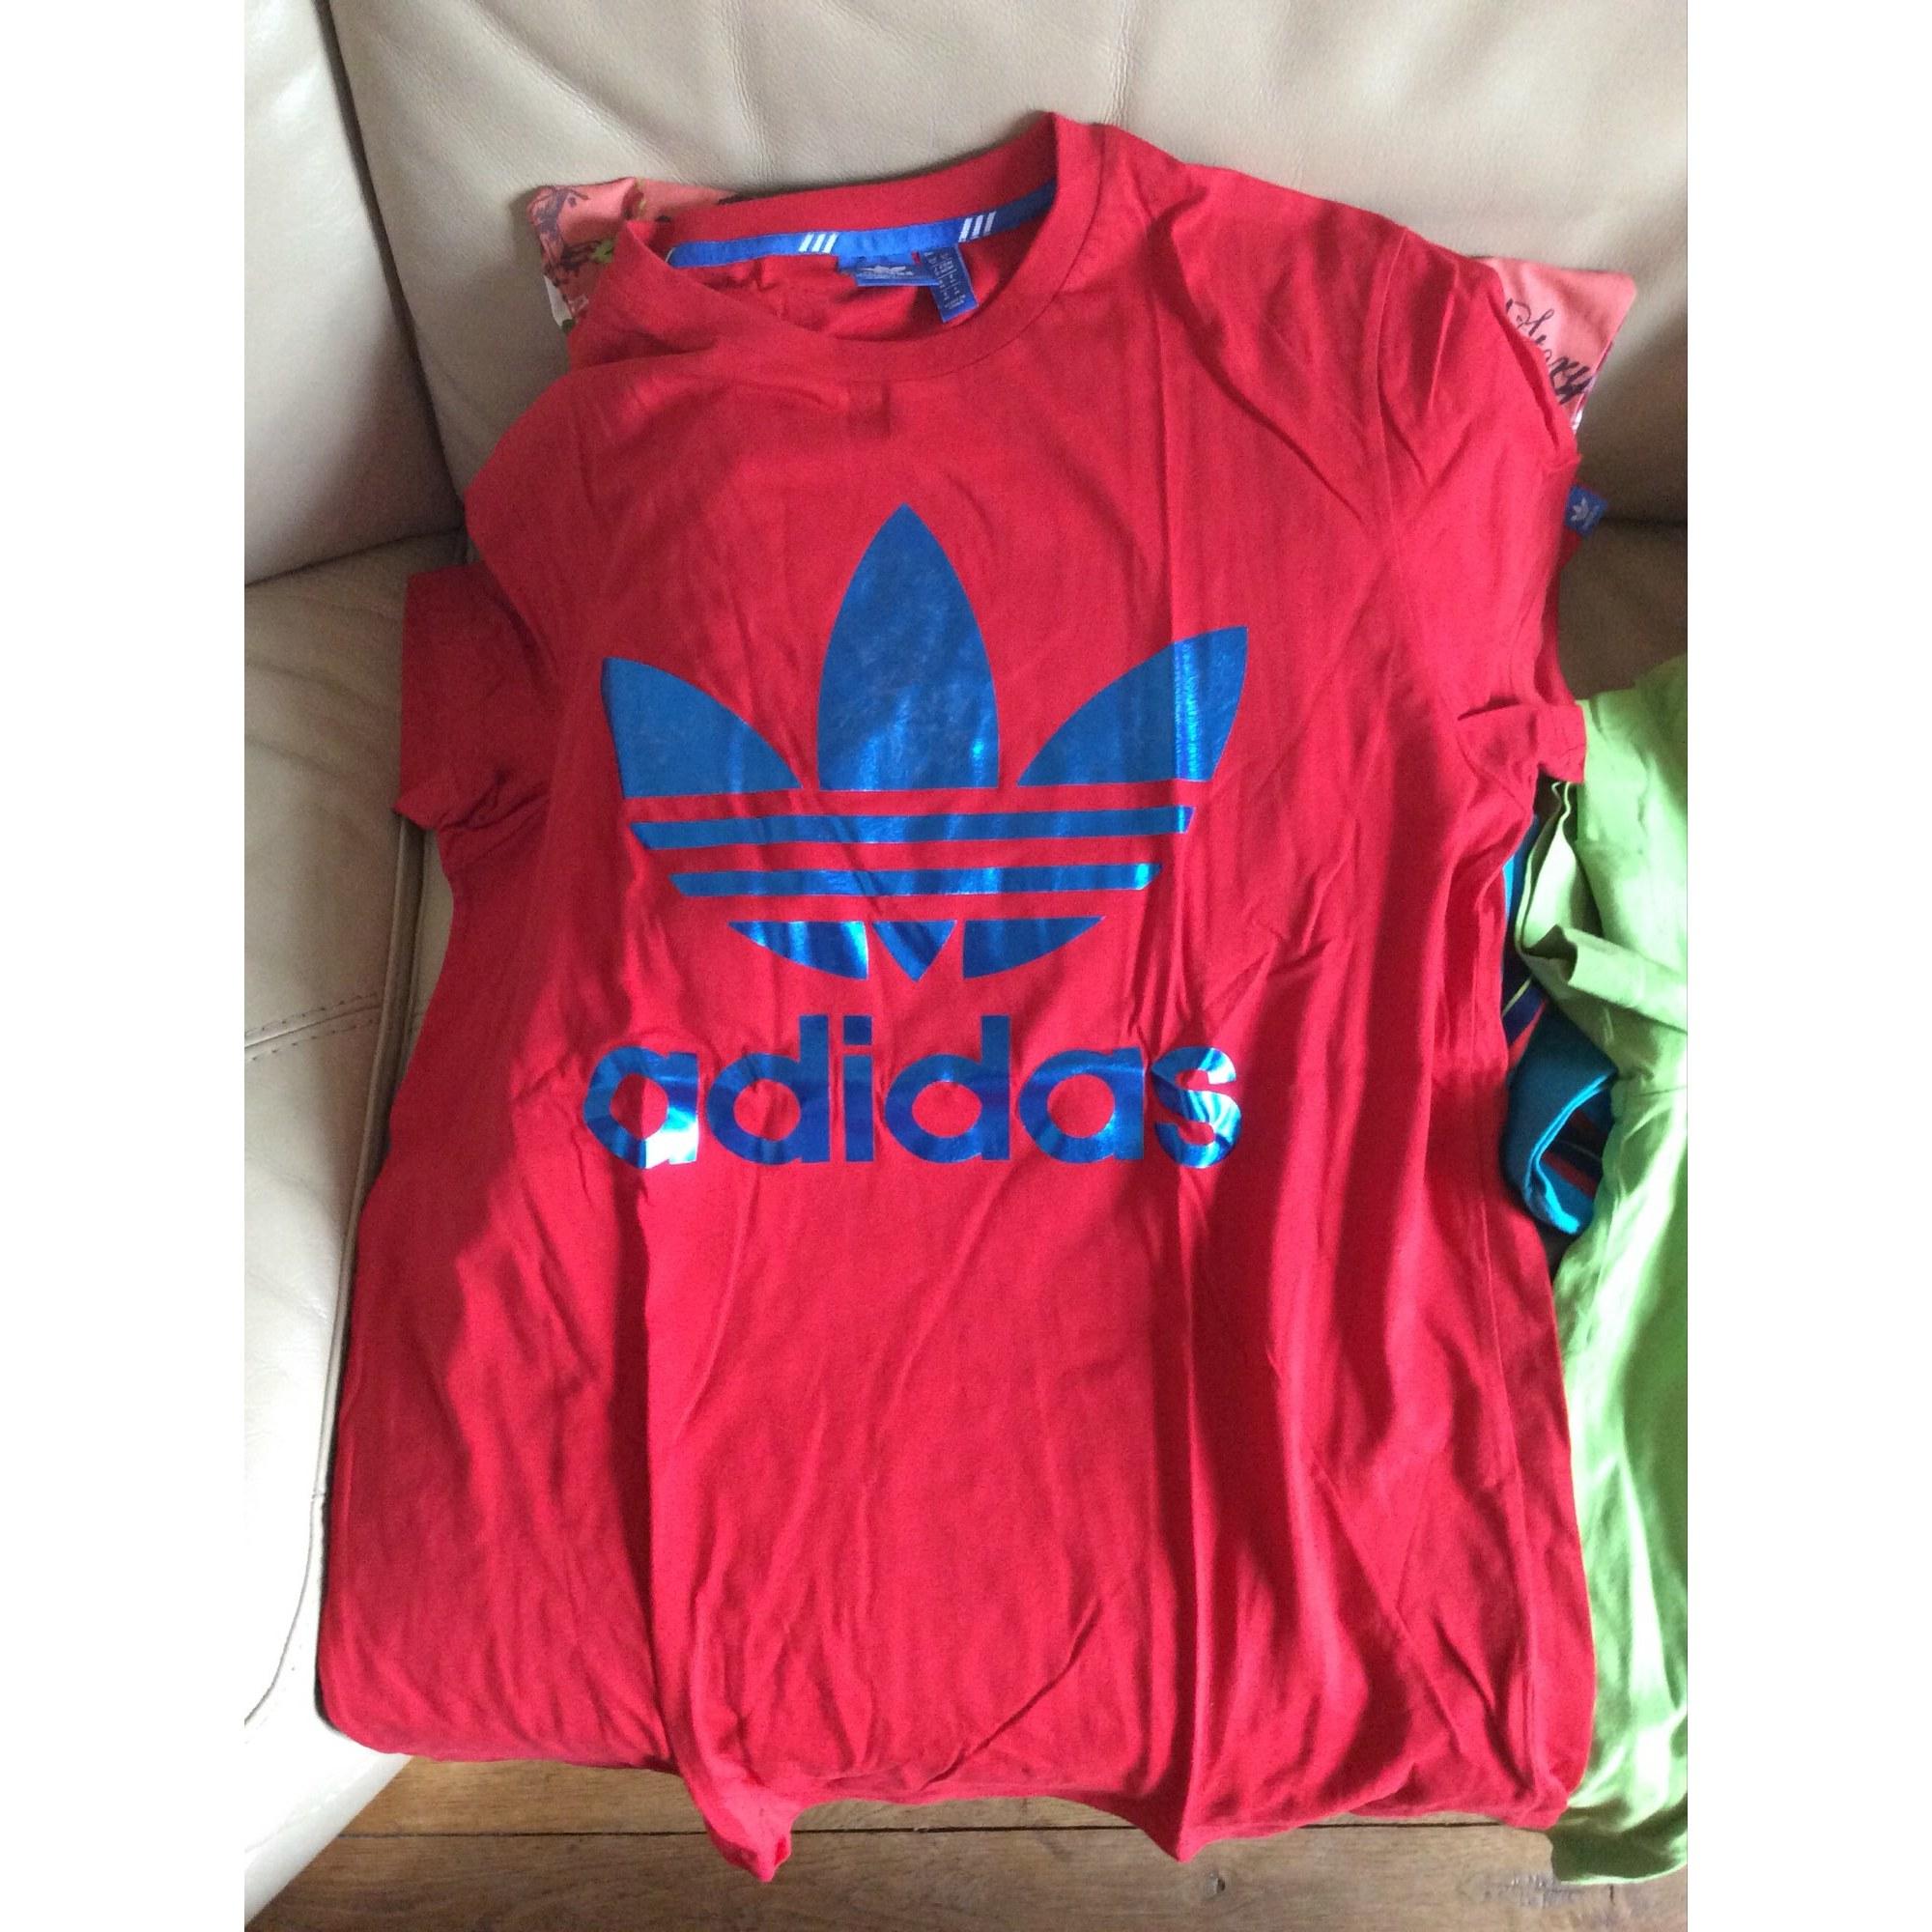 61d6cddf41ee4 Tee-shirt ADIDAS 2 (M) rouge et bleu - 7134098